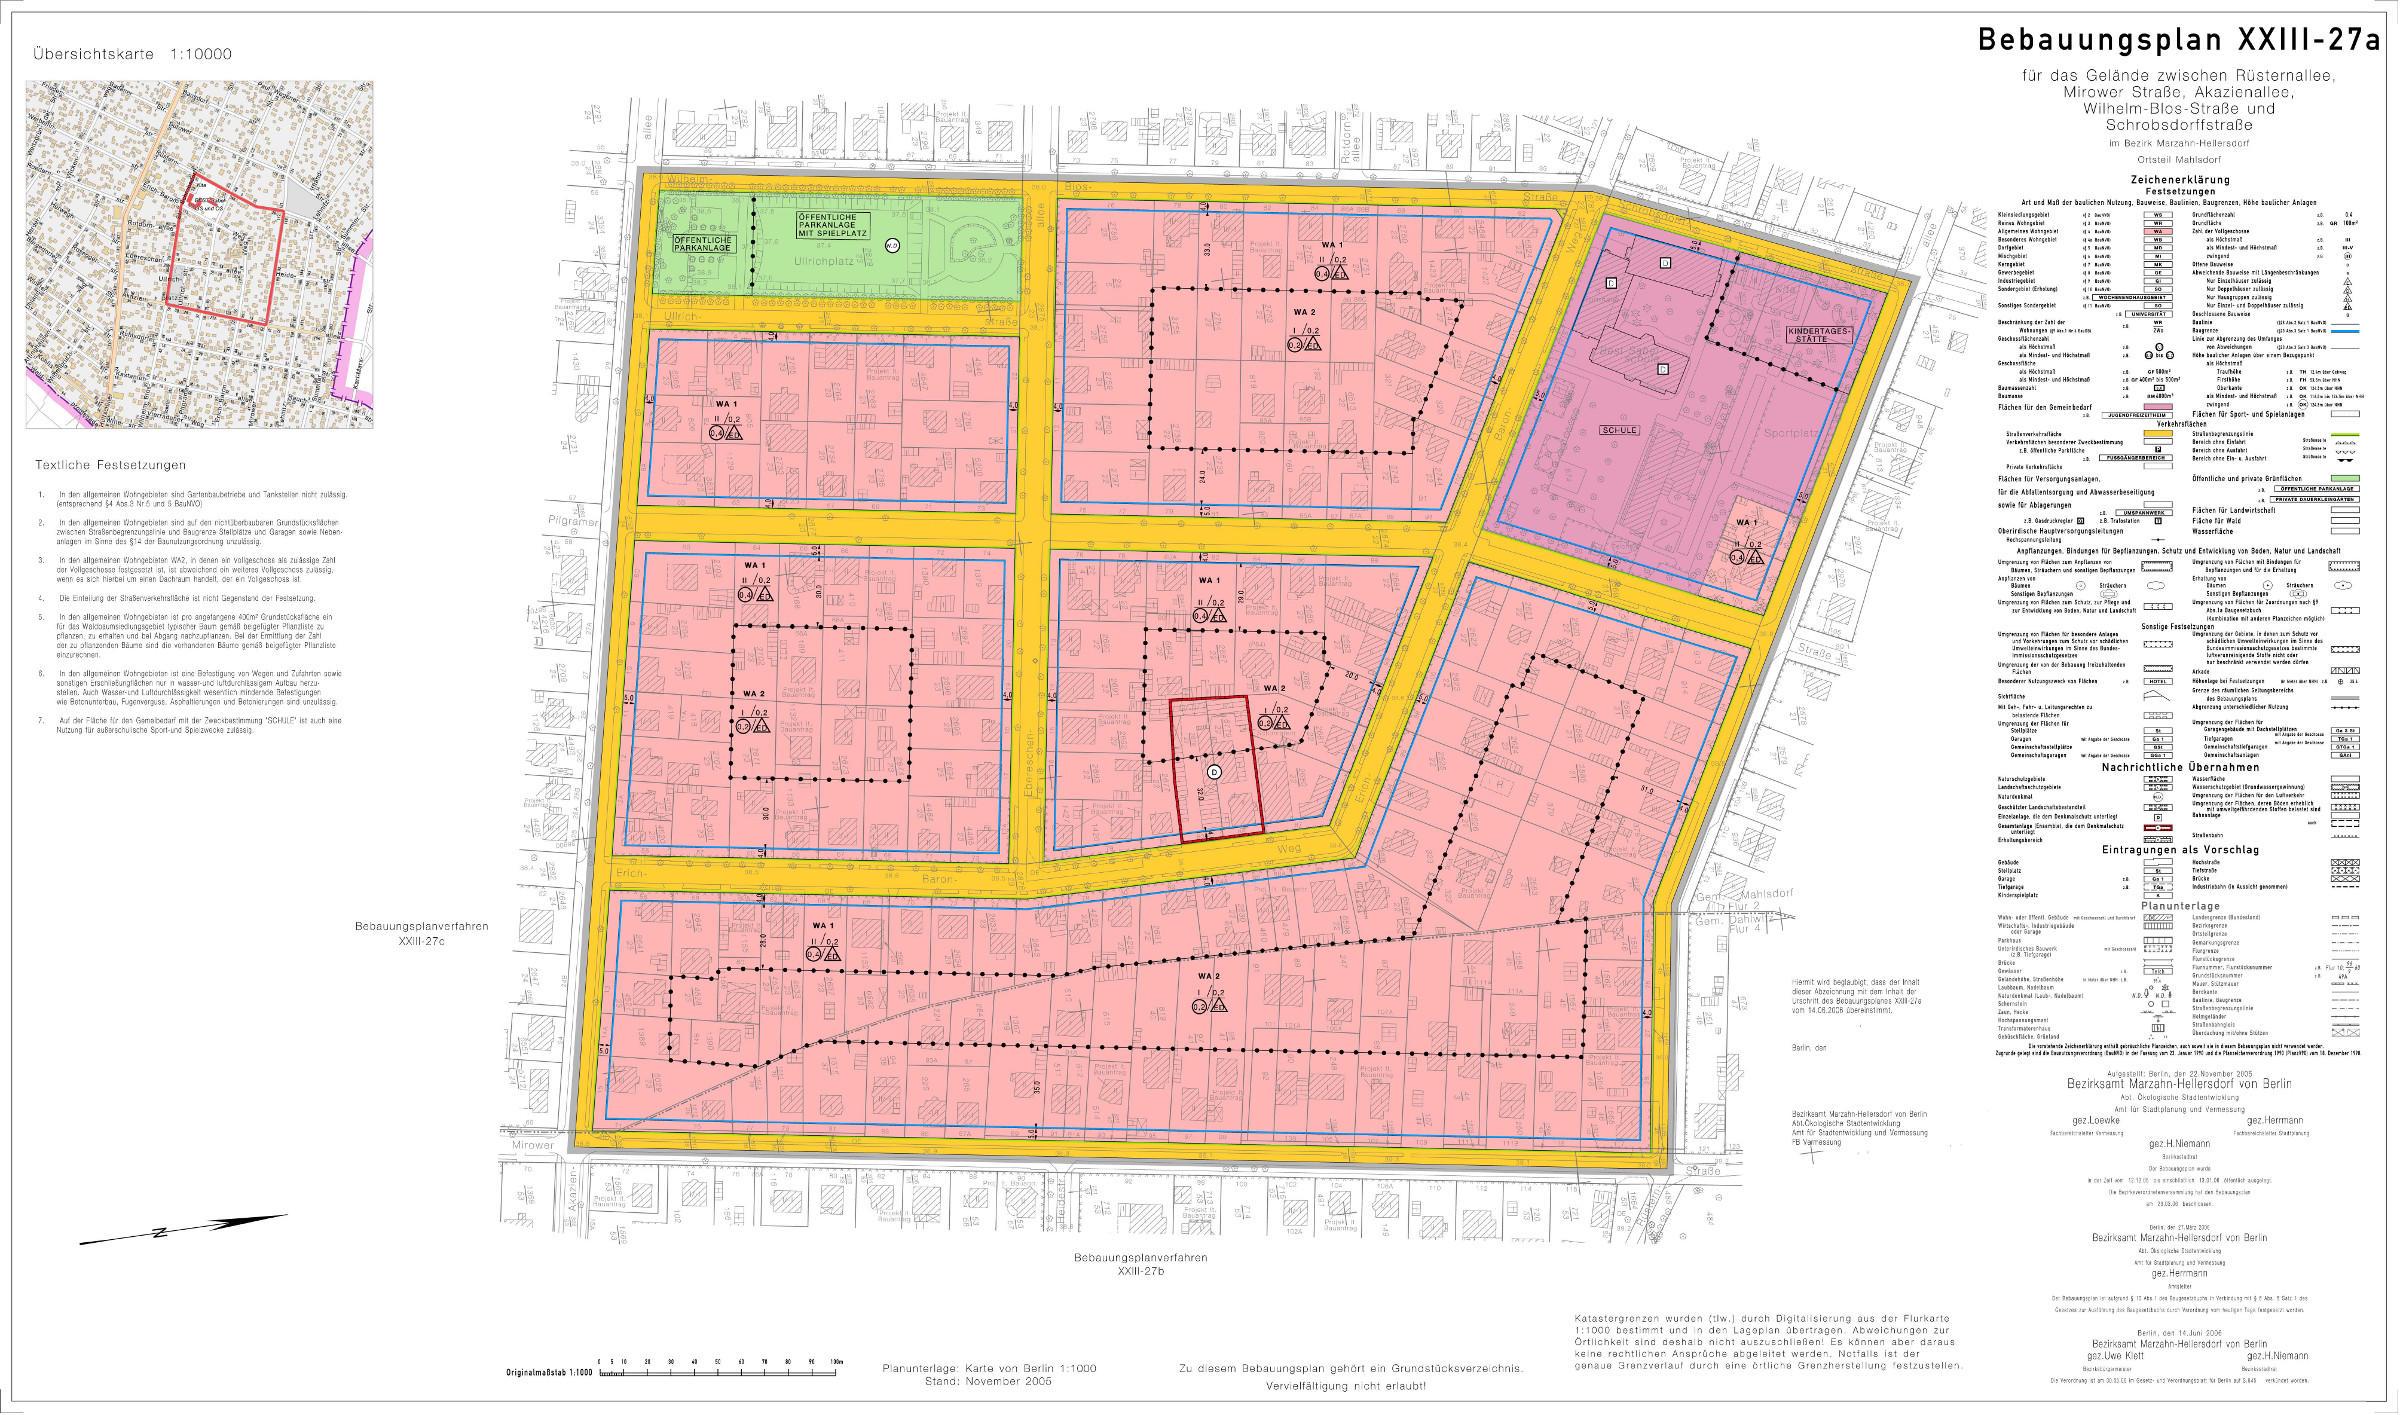 Planzeichnung des Bebauungsplans XXIII-27a